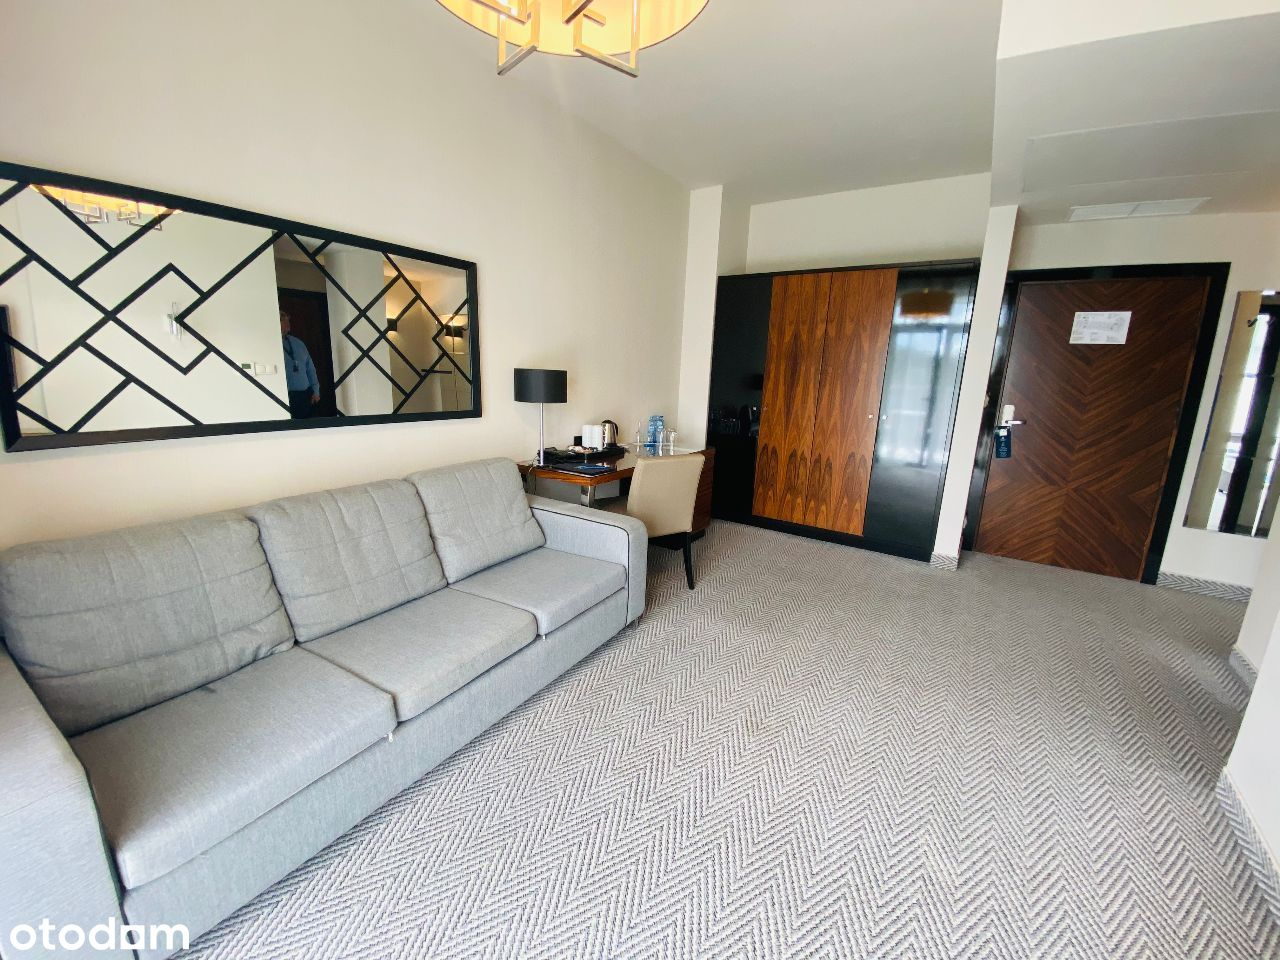 DIUNE Hotel&Resort - 2 pok., 50m od morza, VAT 23%